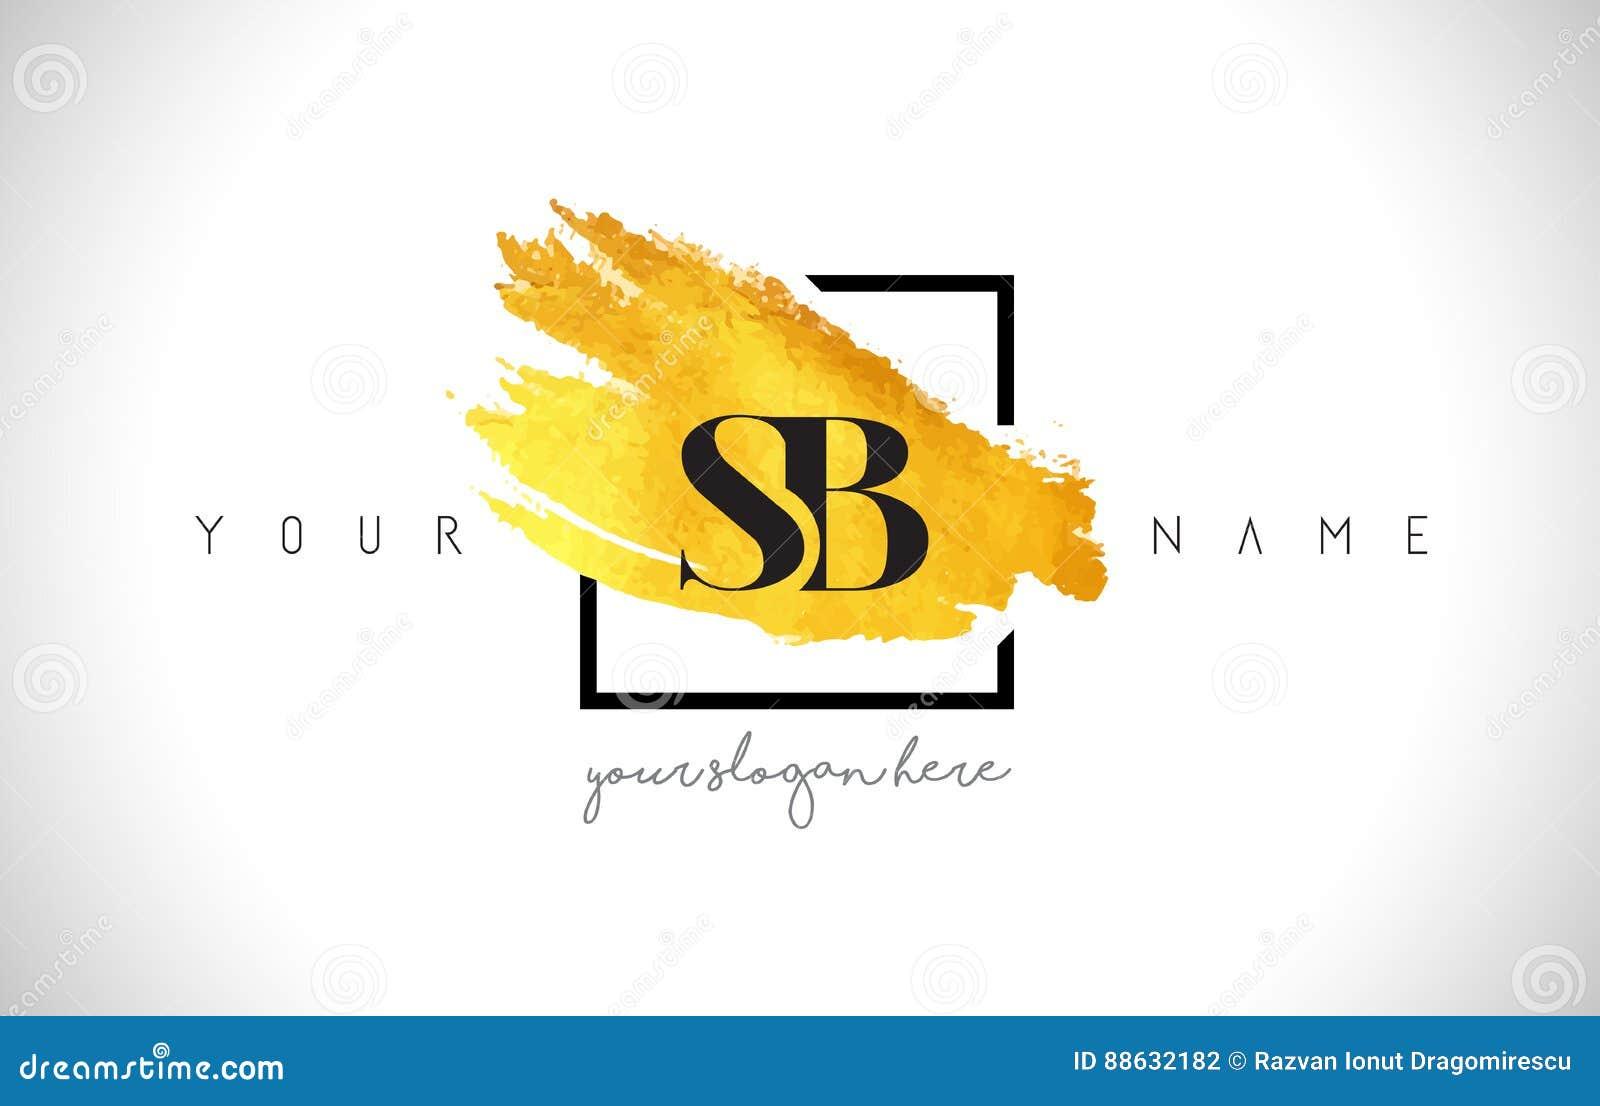 SB Golden Letter Logo Design with Creative Gold Brush Stroke